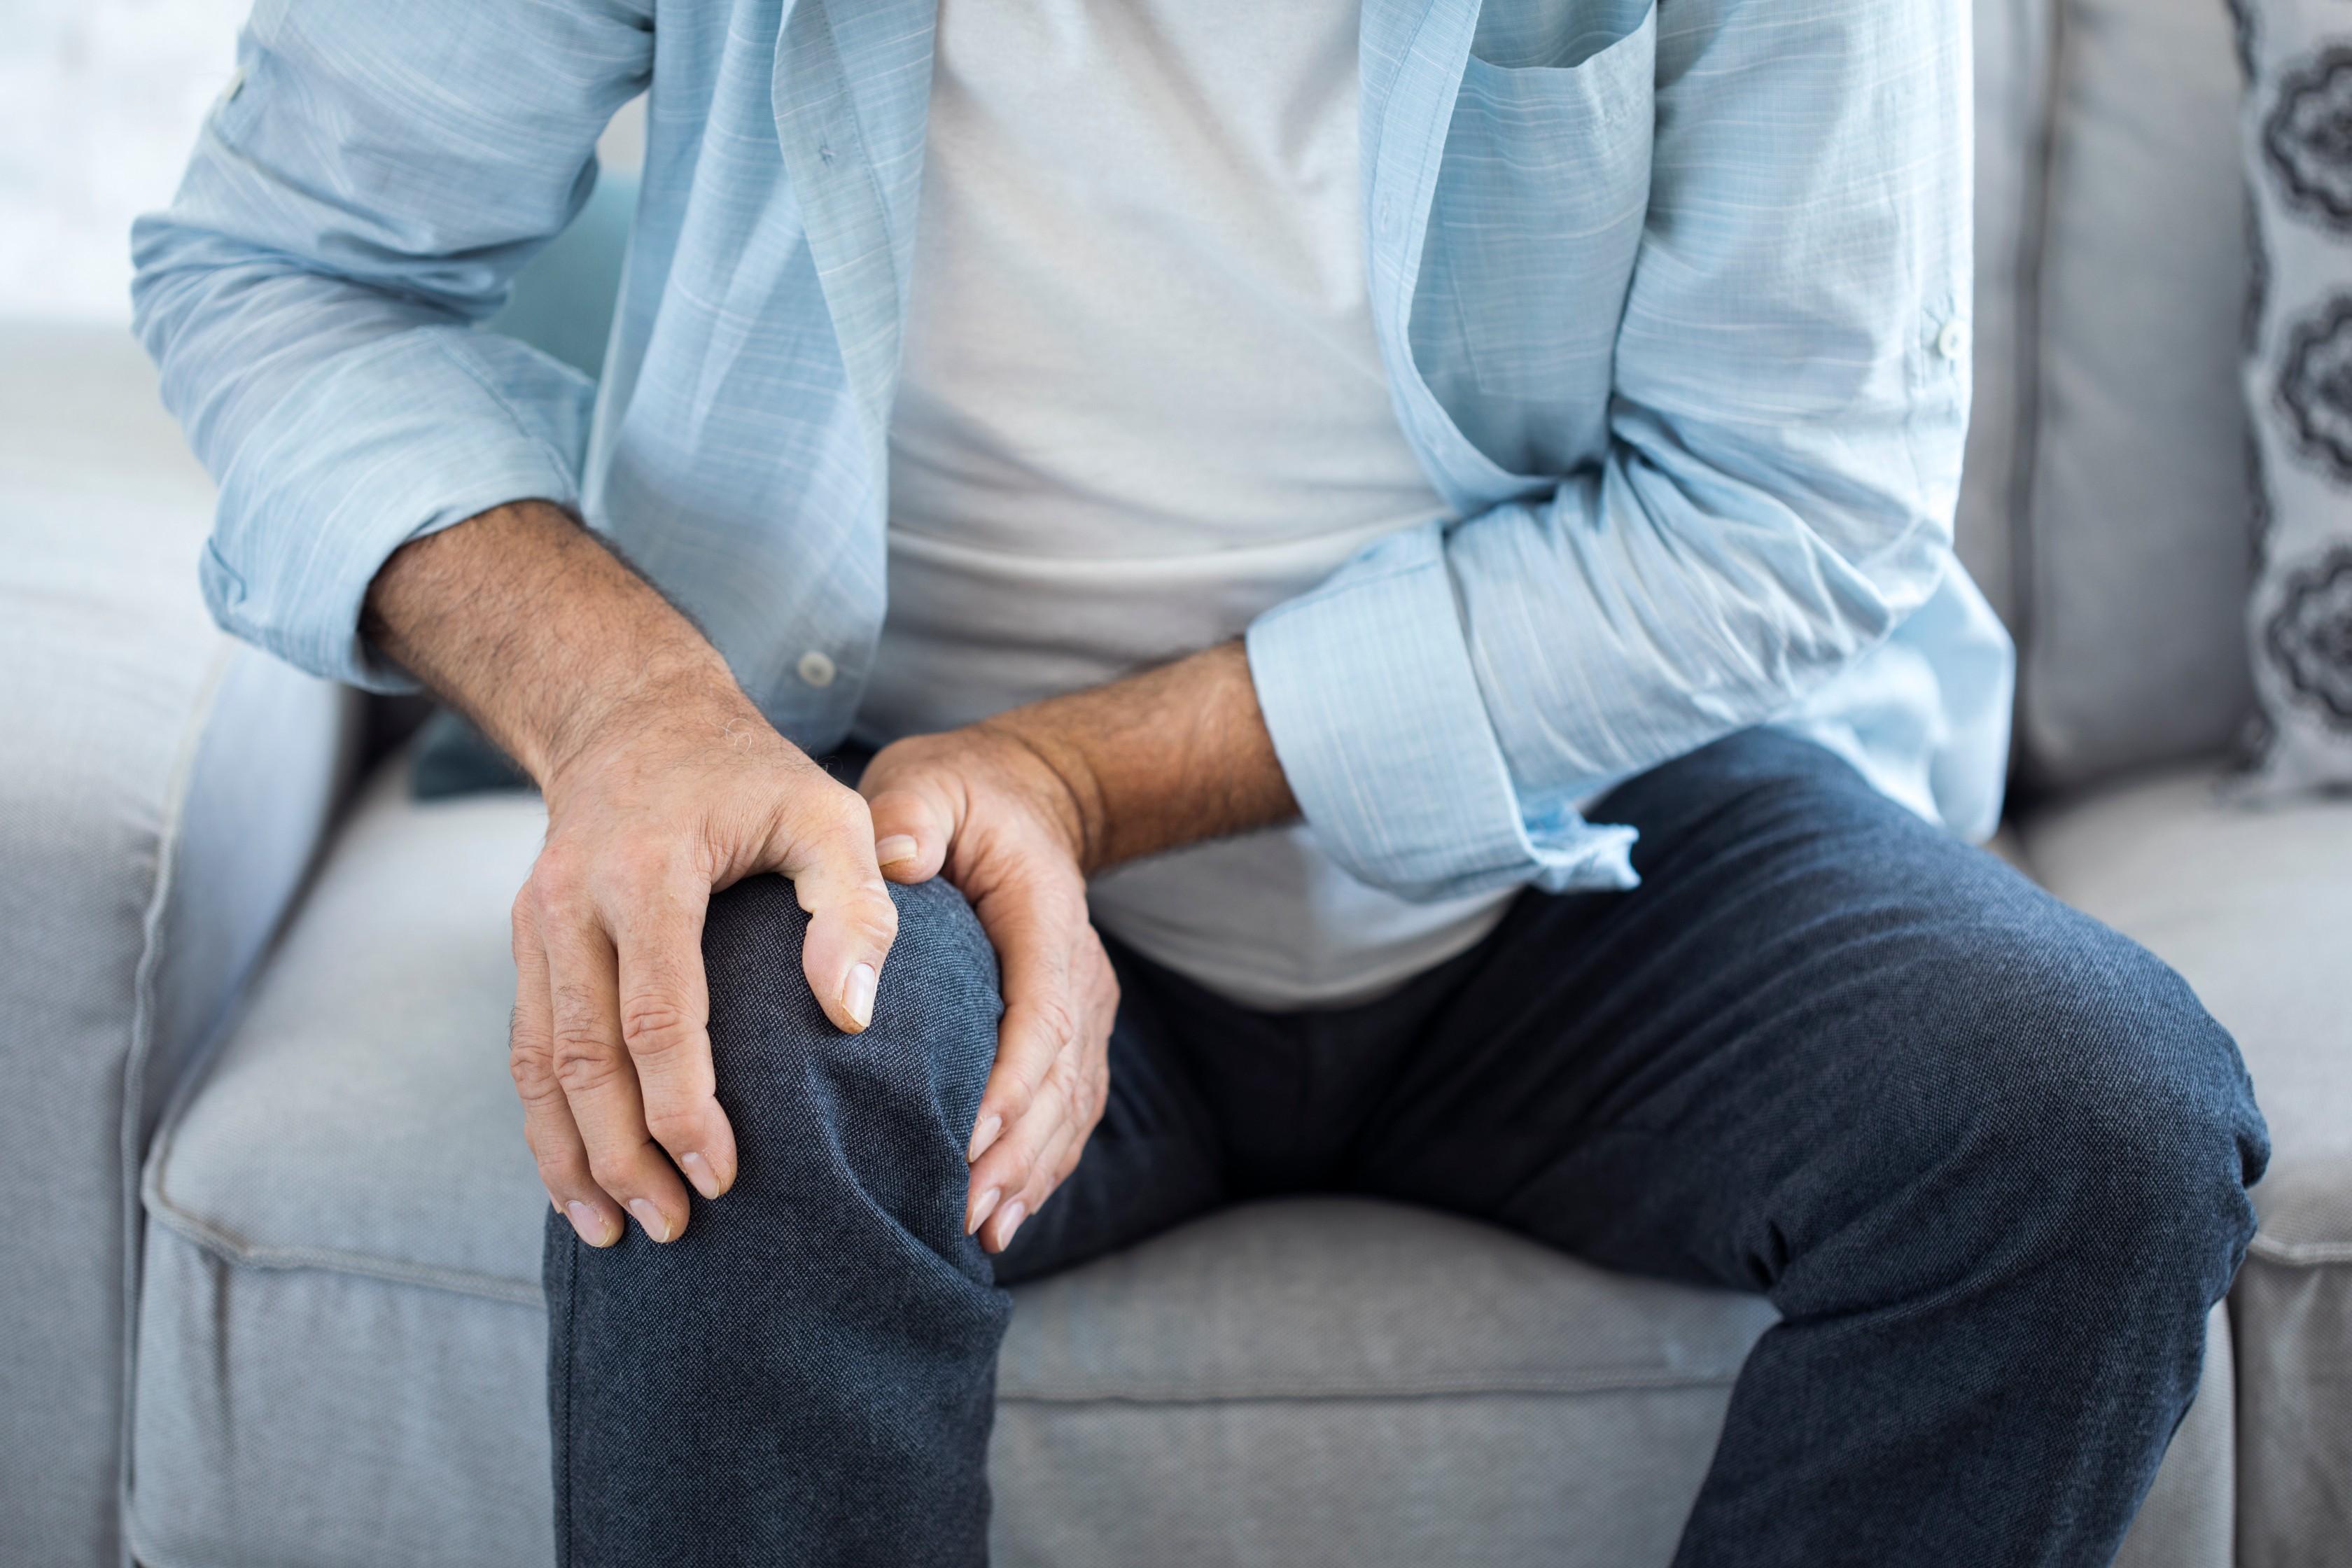 hogyan lehet kezelni a lábak ízületei ízületi gyulladást